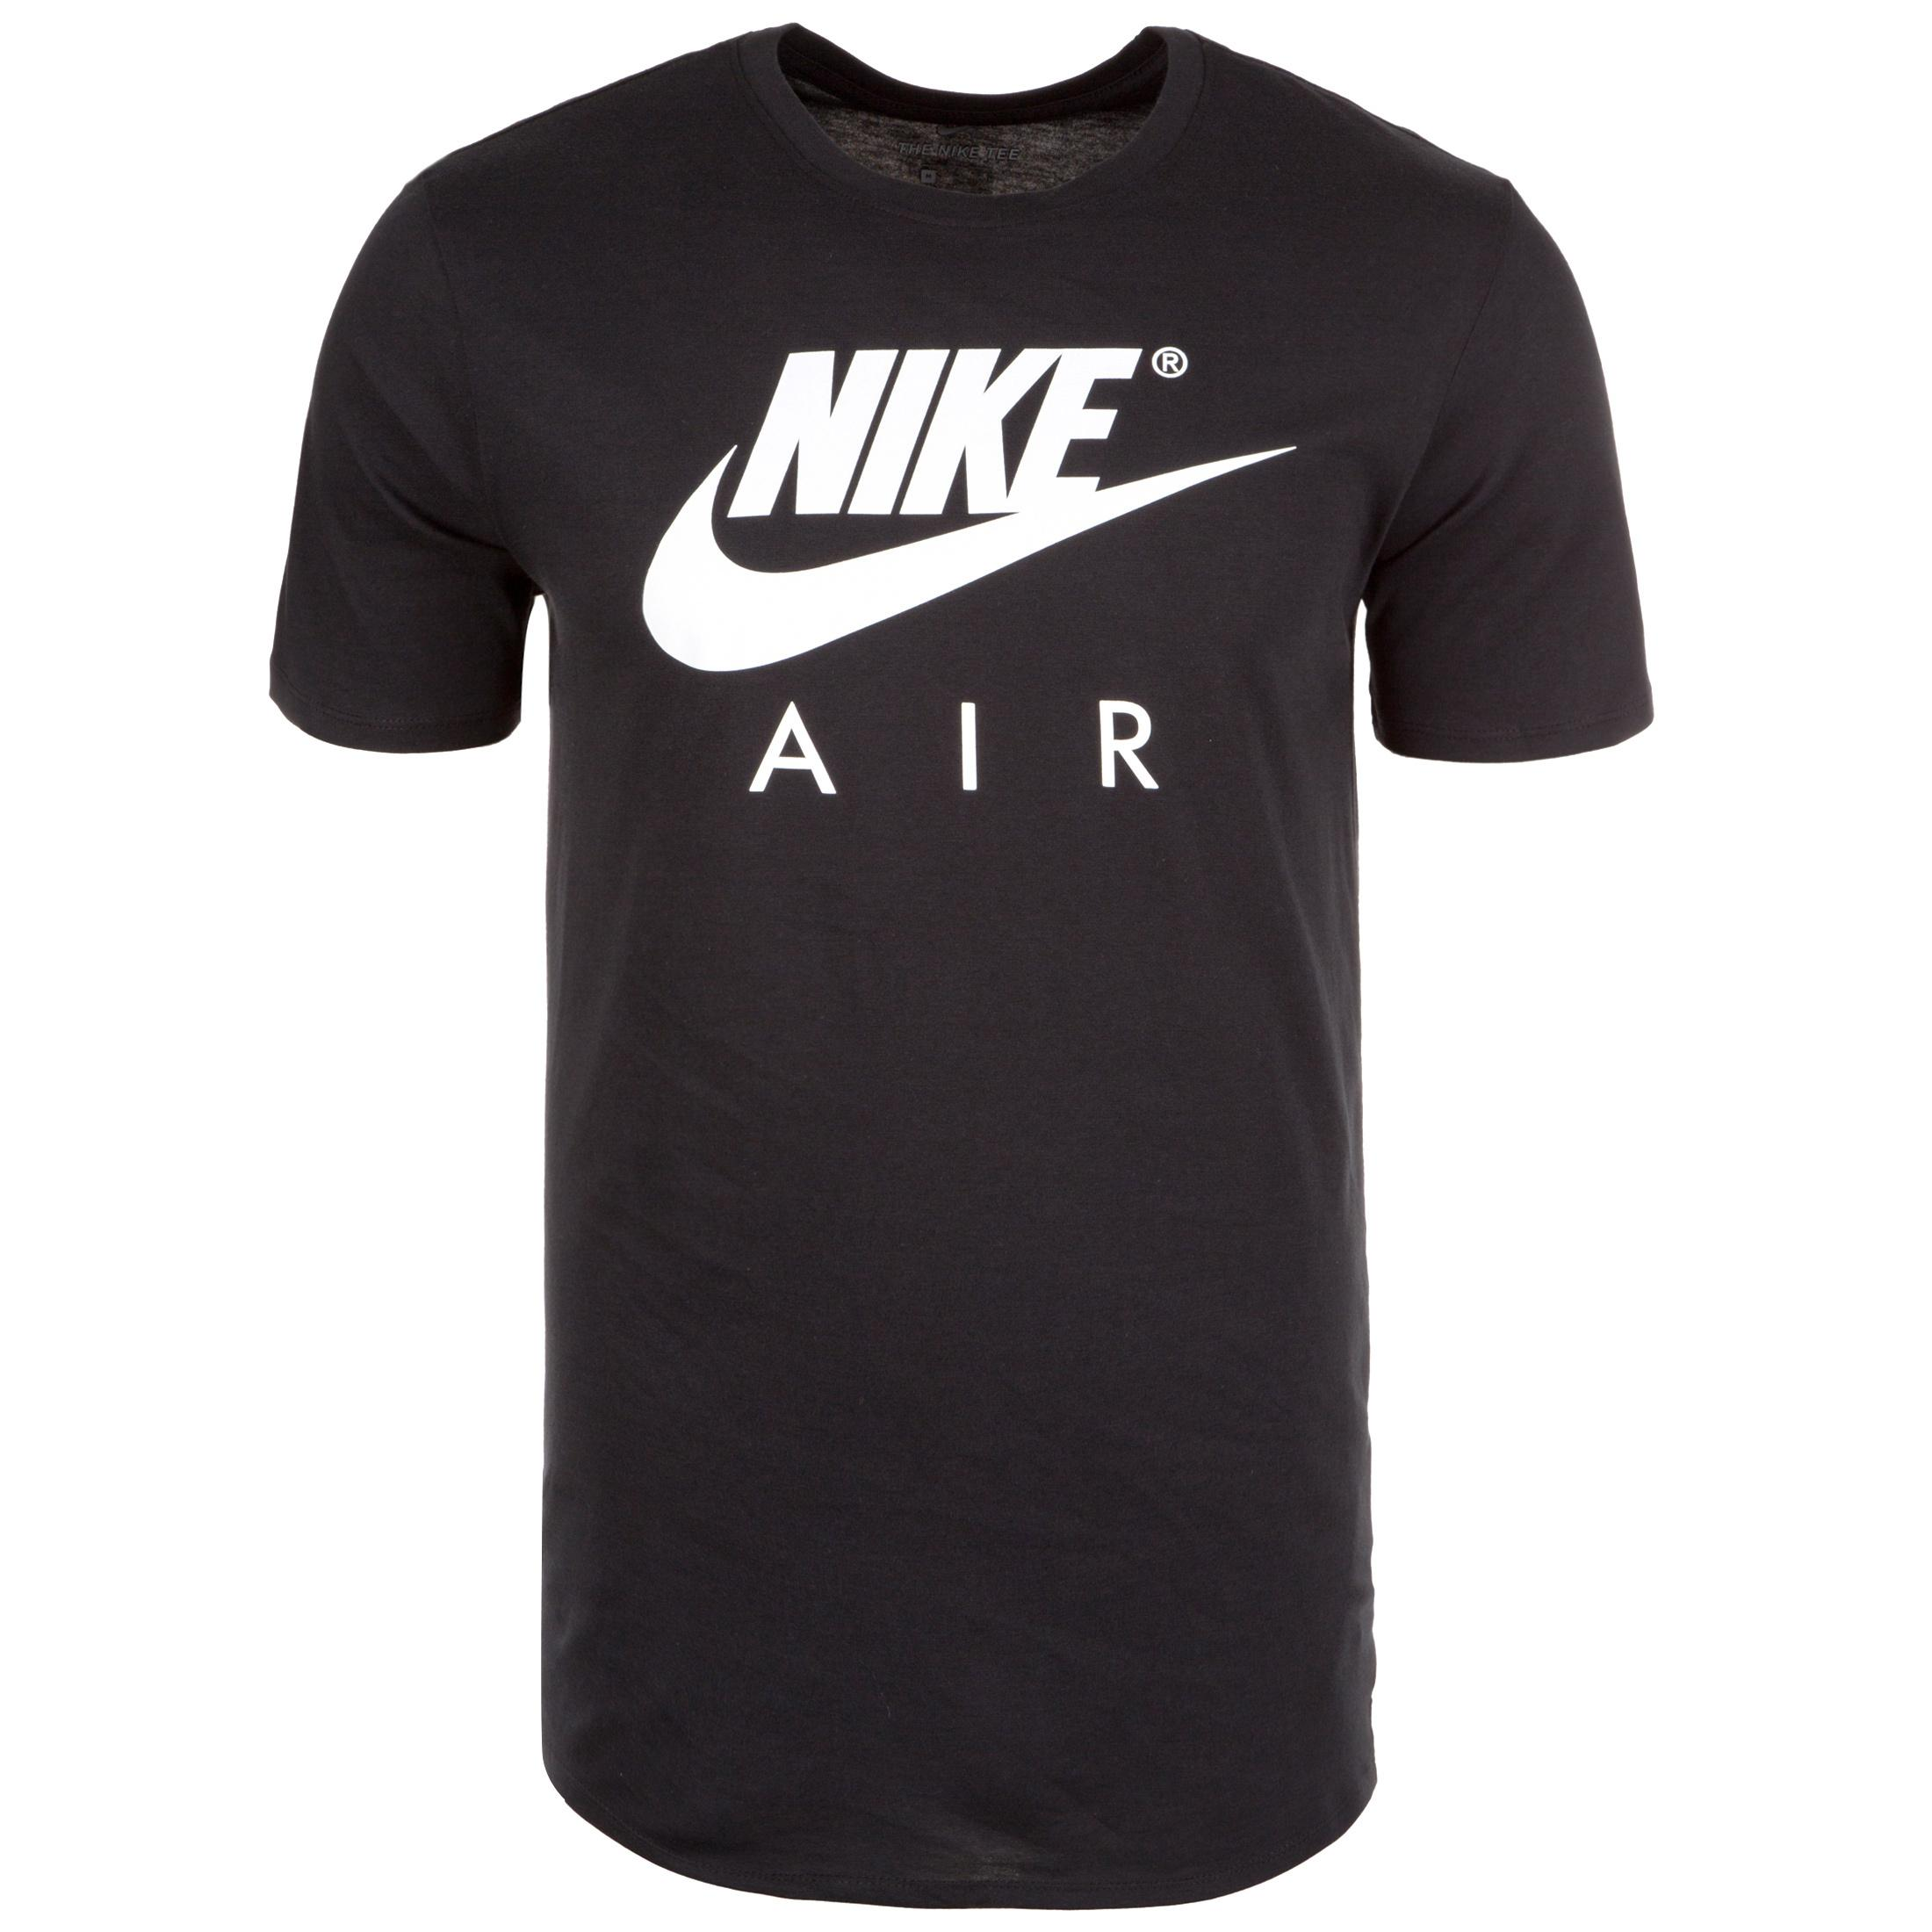 Kaufen T Shop Air Im Weiß Shirt Nike Online Sportscheck